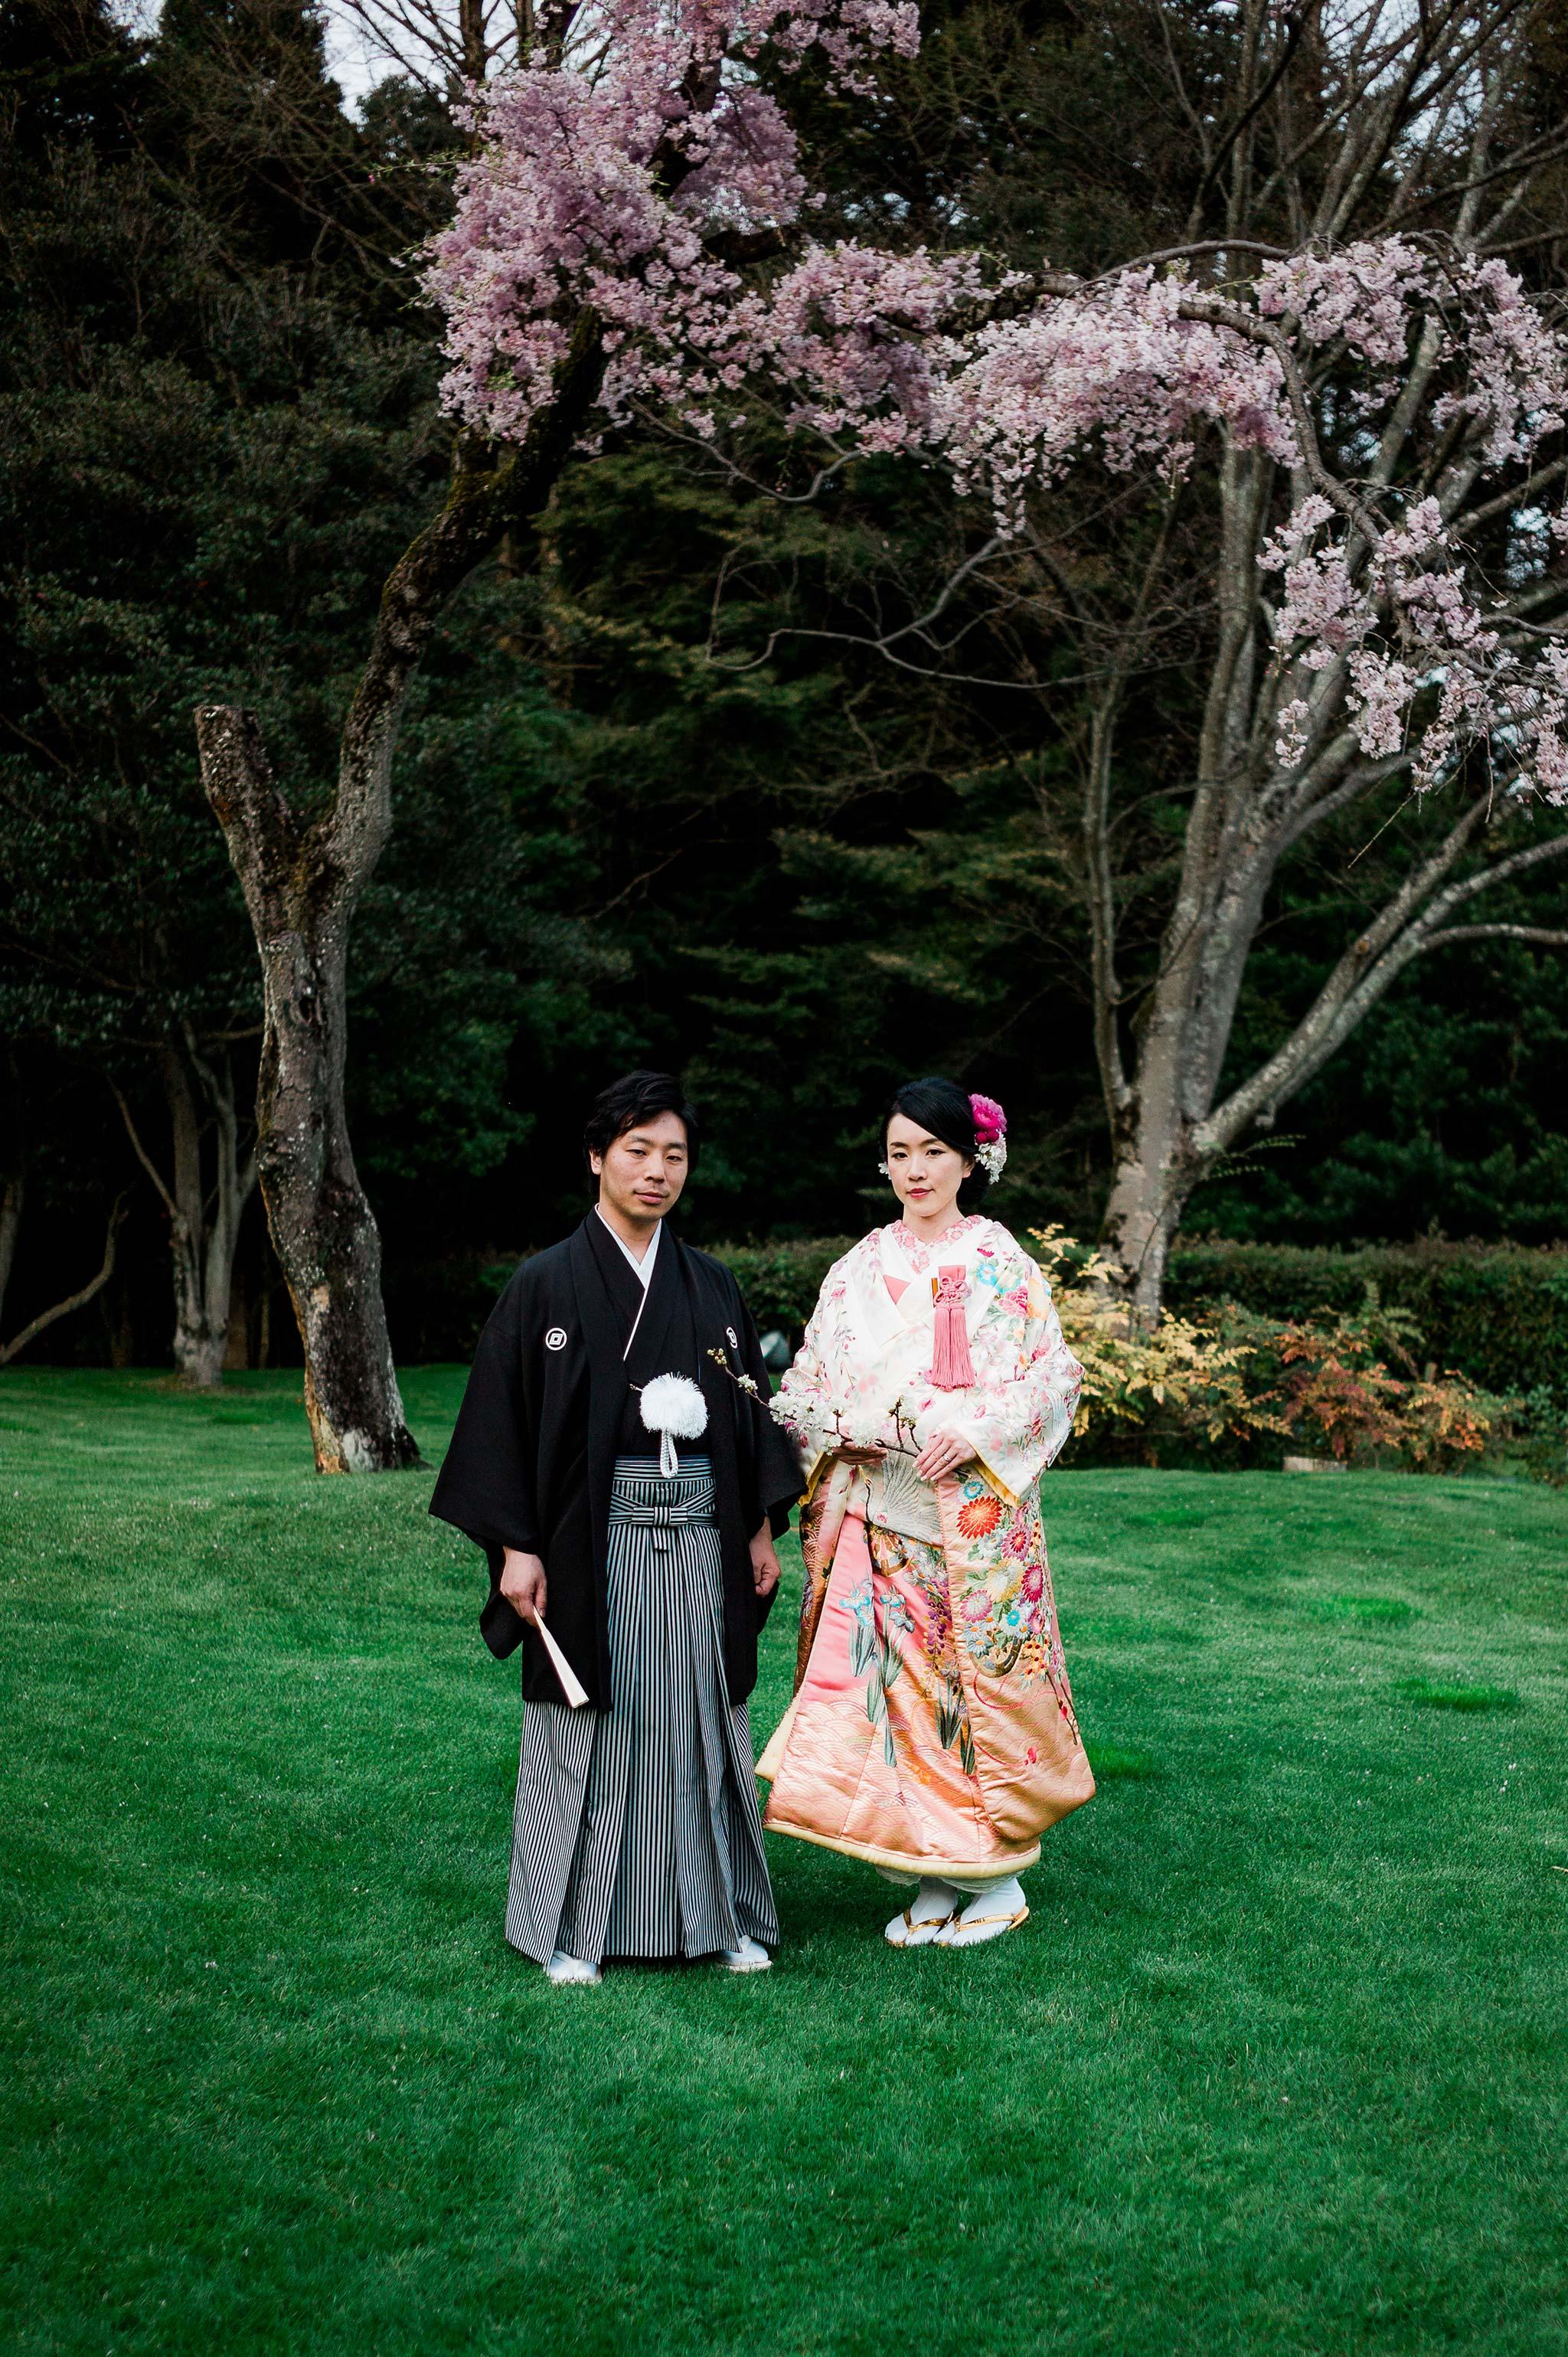 Osaka-Banpaku-Geihinkan-Wedding-reception-kimono-bride-groom-sakura